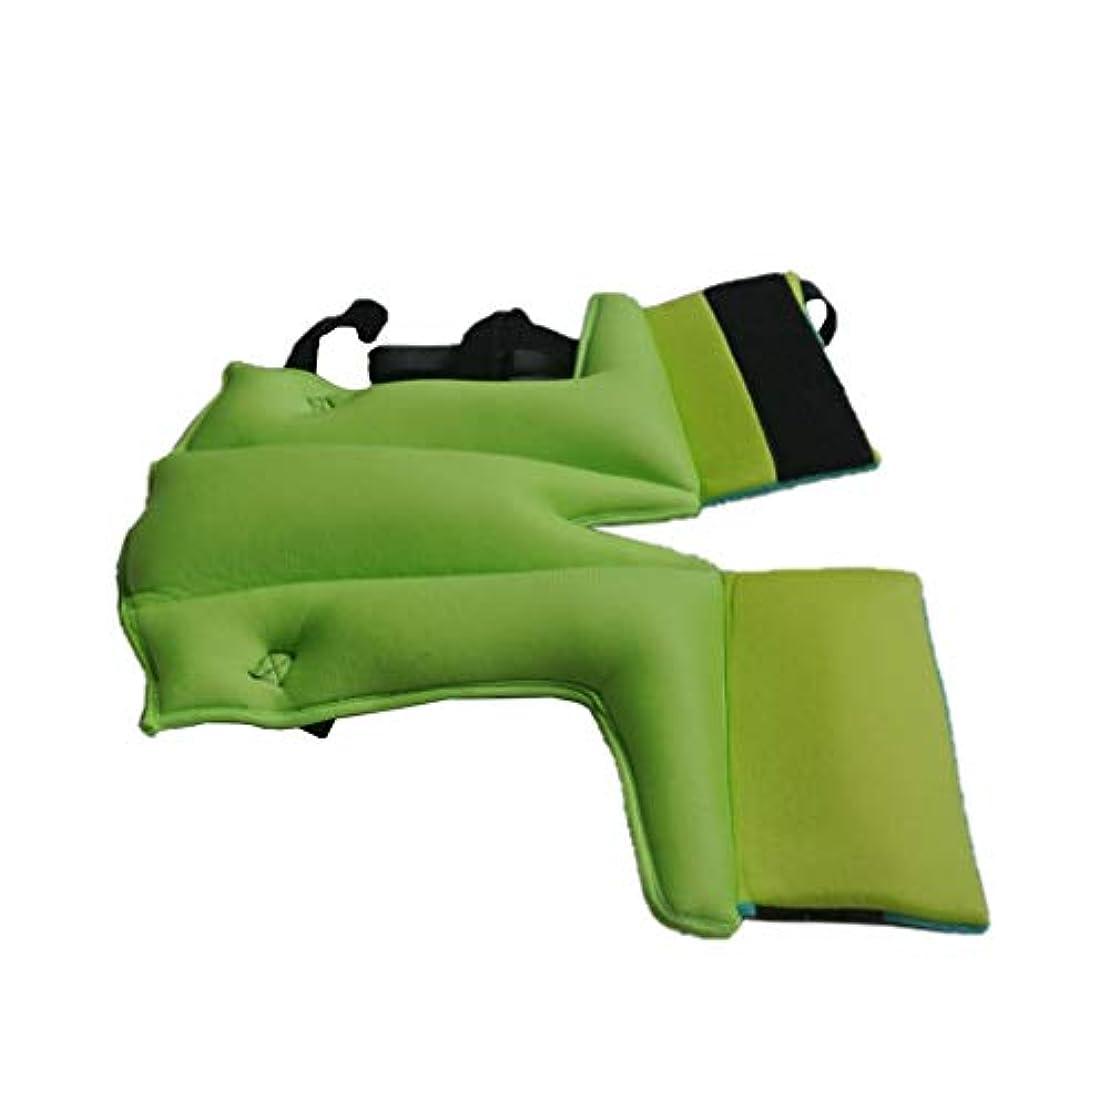 免除エクスタシーフィヨルドSUPVOX フットサポートピローヒールプロテクタークッションホームベッド用レッグウェッジピロー(ブルーグリーン)